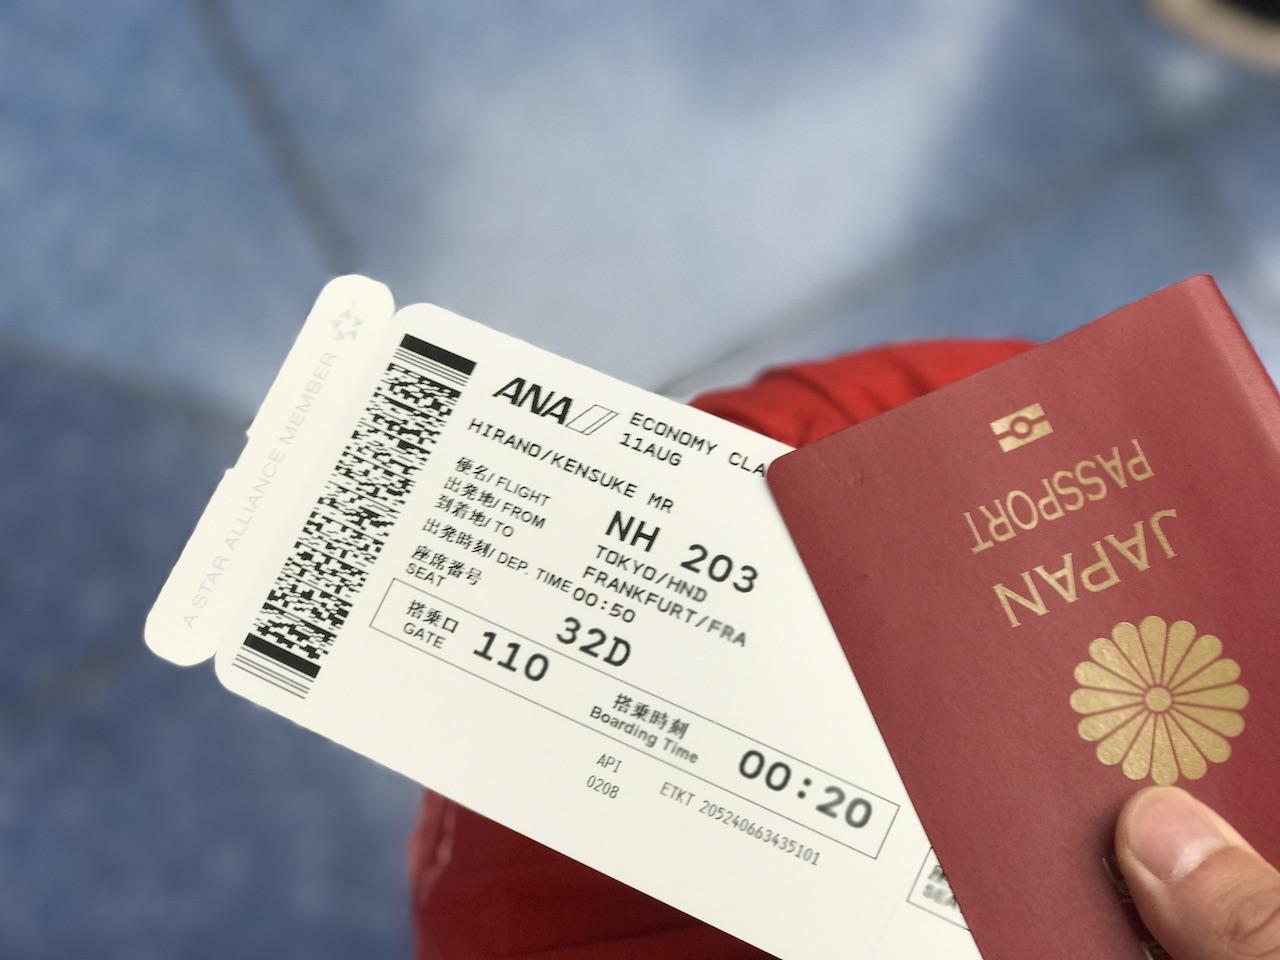 NH203羽田発フランクフルト行の409席が満席だけど、乗れるのか試してみた夏の夜。乗せてくれー!!